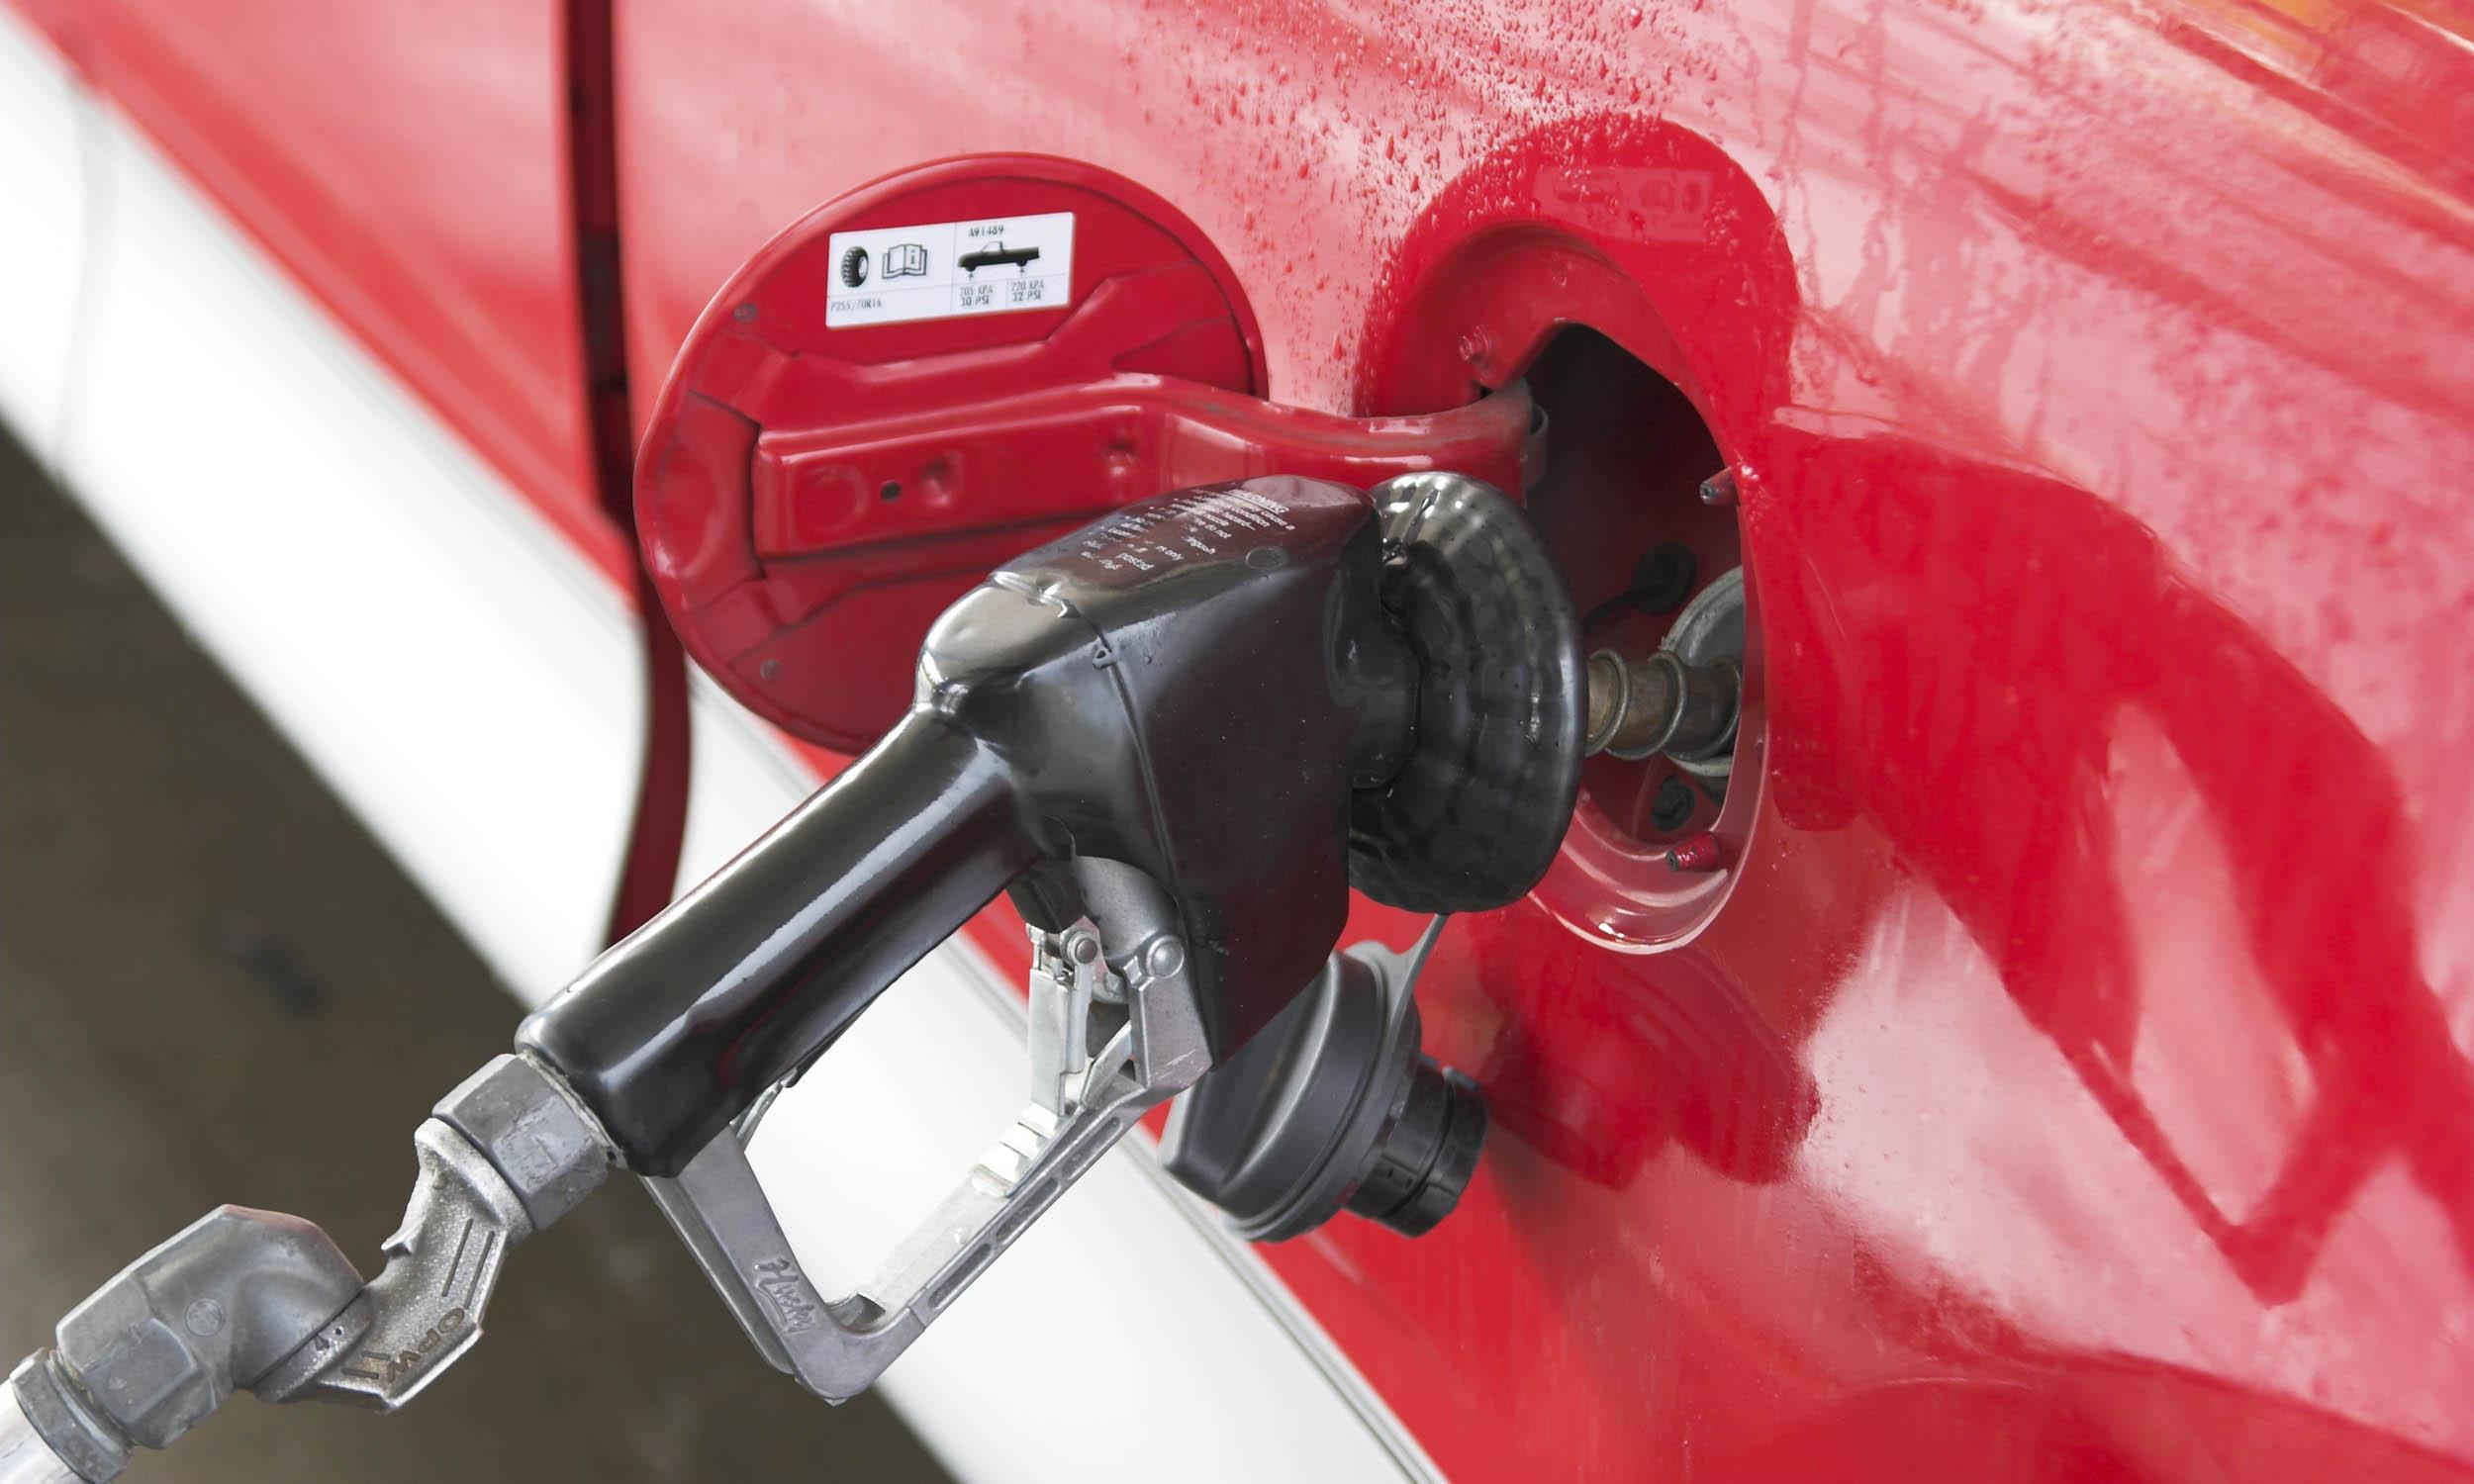 FuelSaving Tipsnbsp